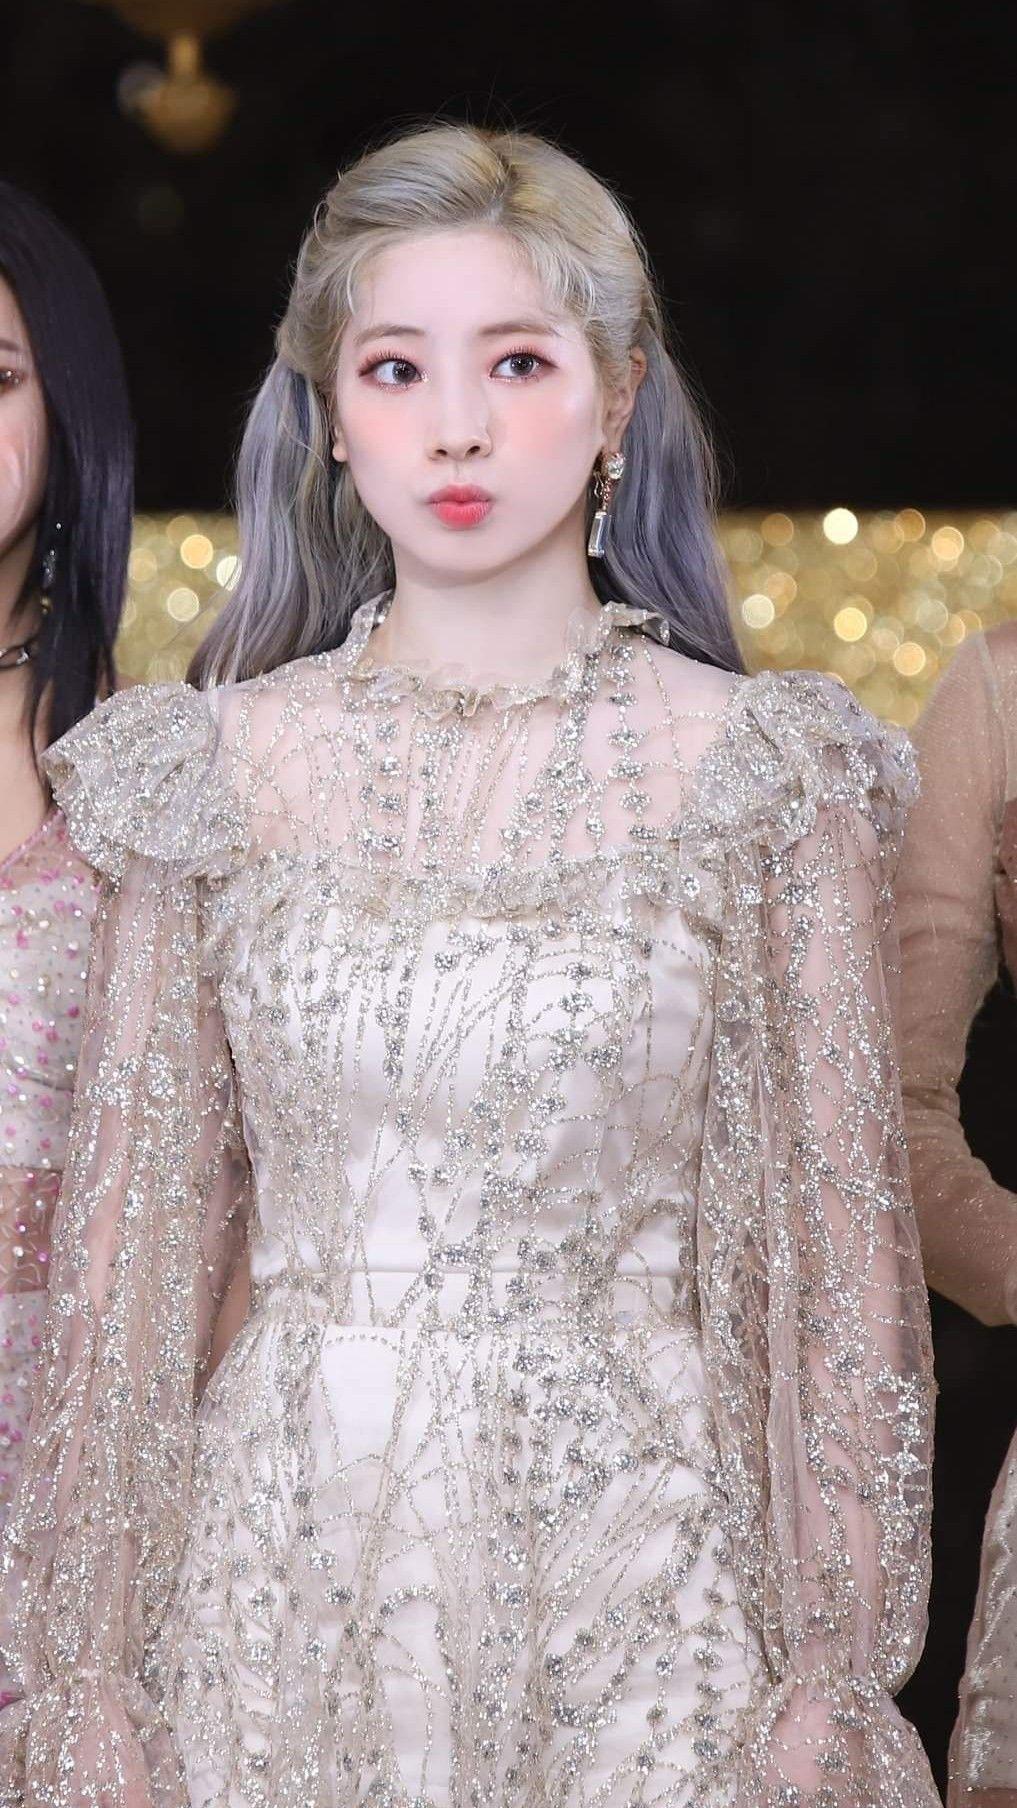 Dahyun Feel Special Outfit : dahyun, special, outfit, Twice, Dahyun, Ideas, Dahyun,, Twice,, Girls